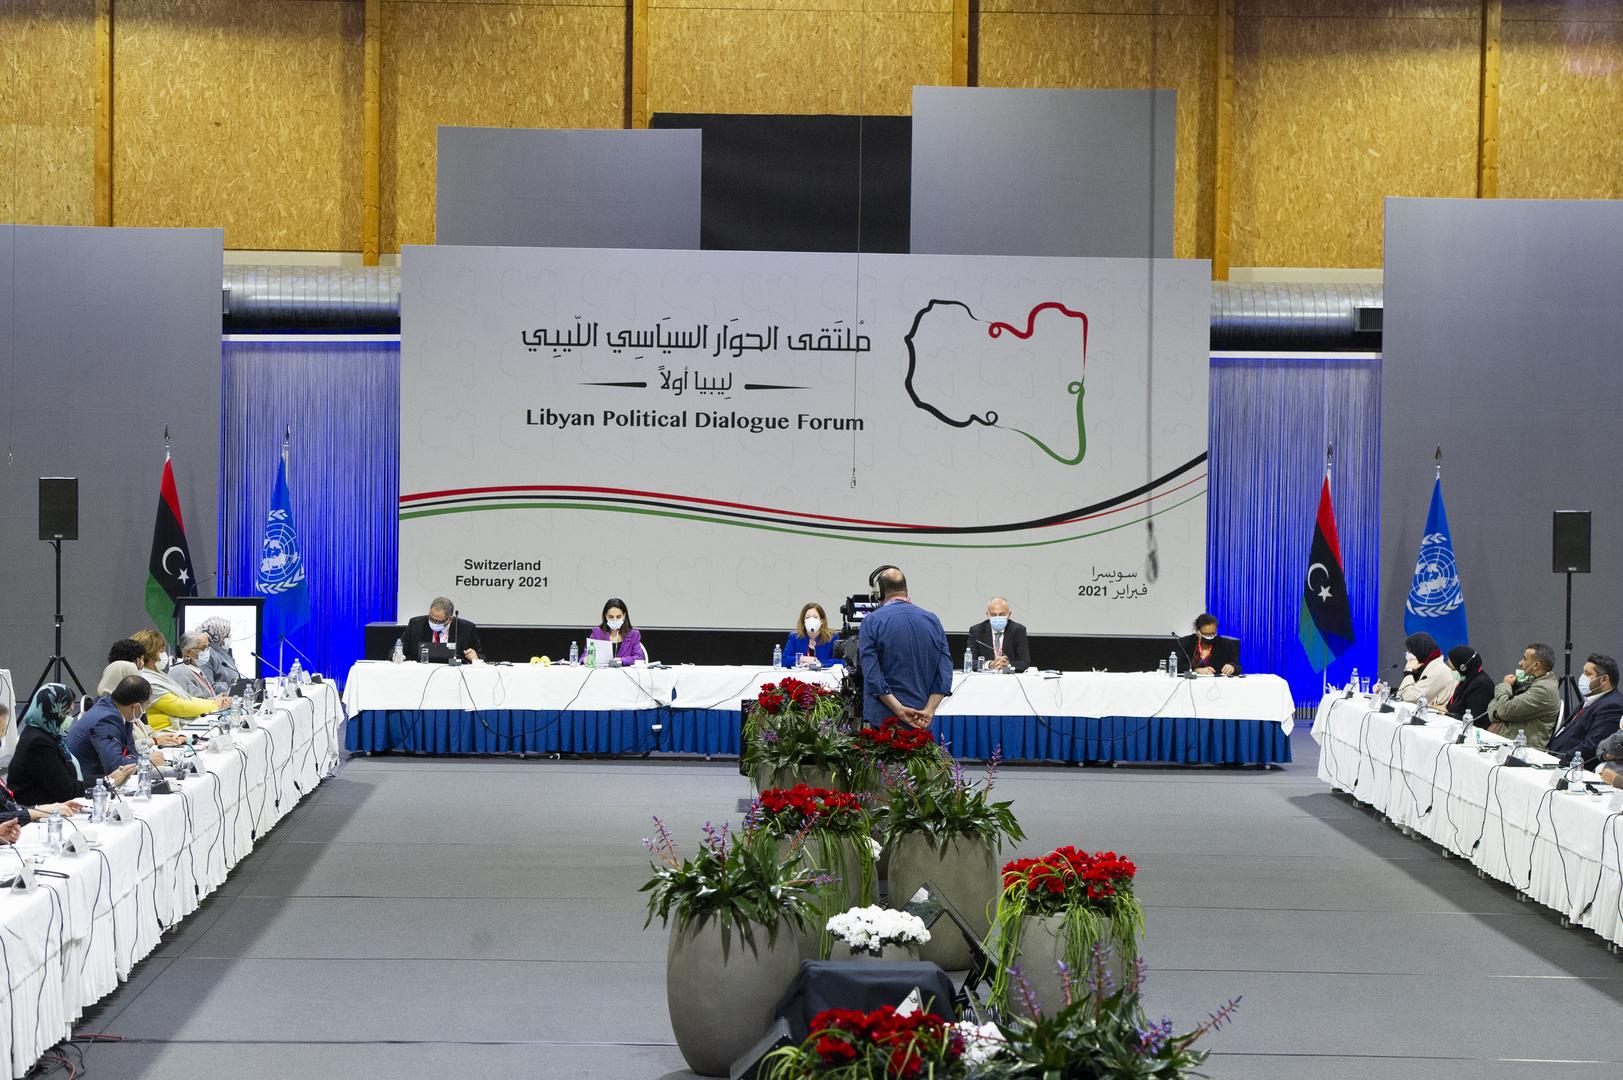 ليبيا على موعد اليوم مع انتخاب سلطة تنفيذية جديدة